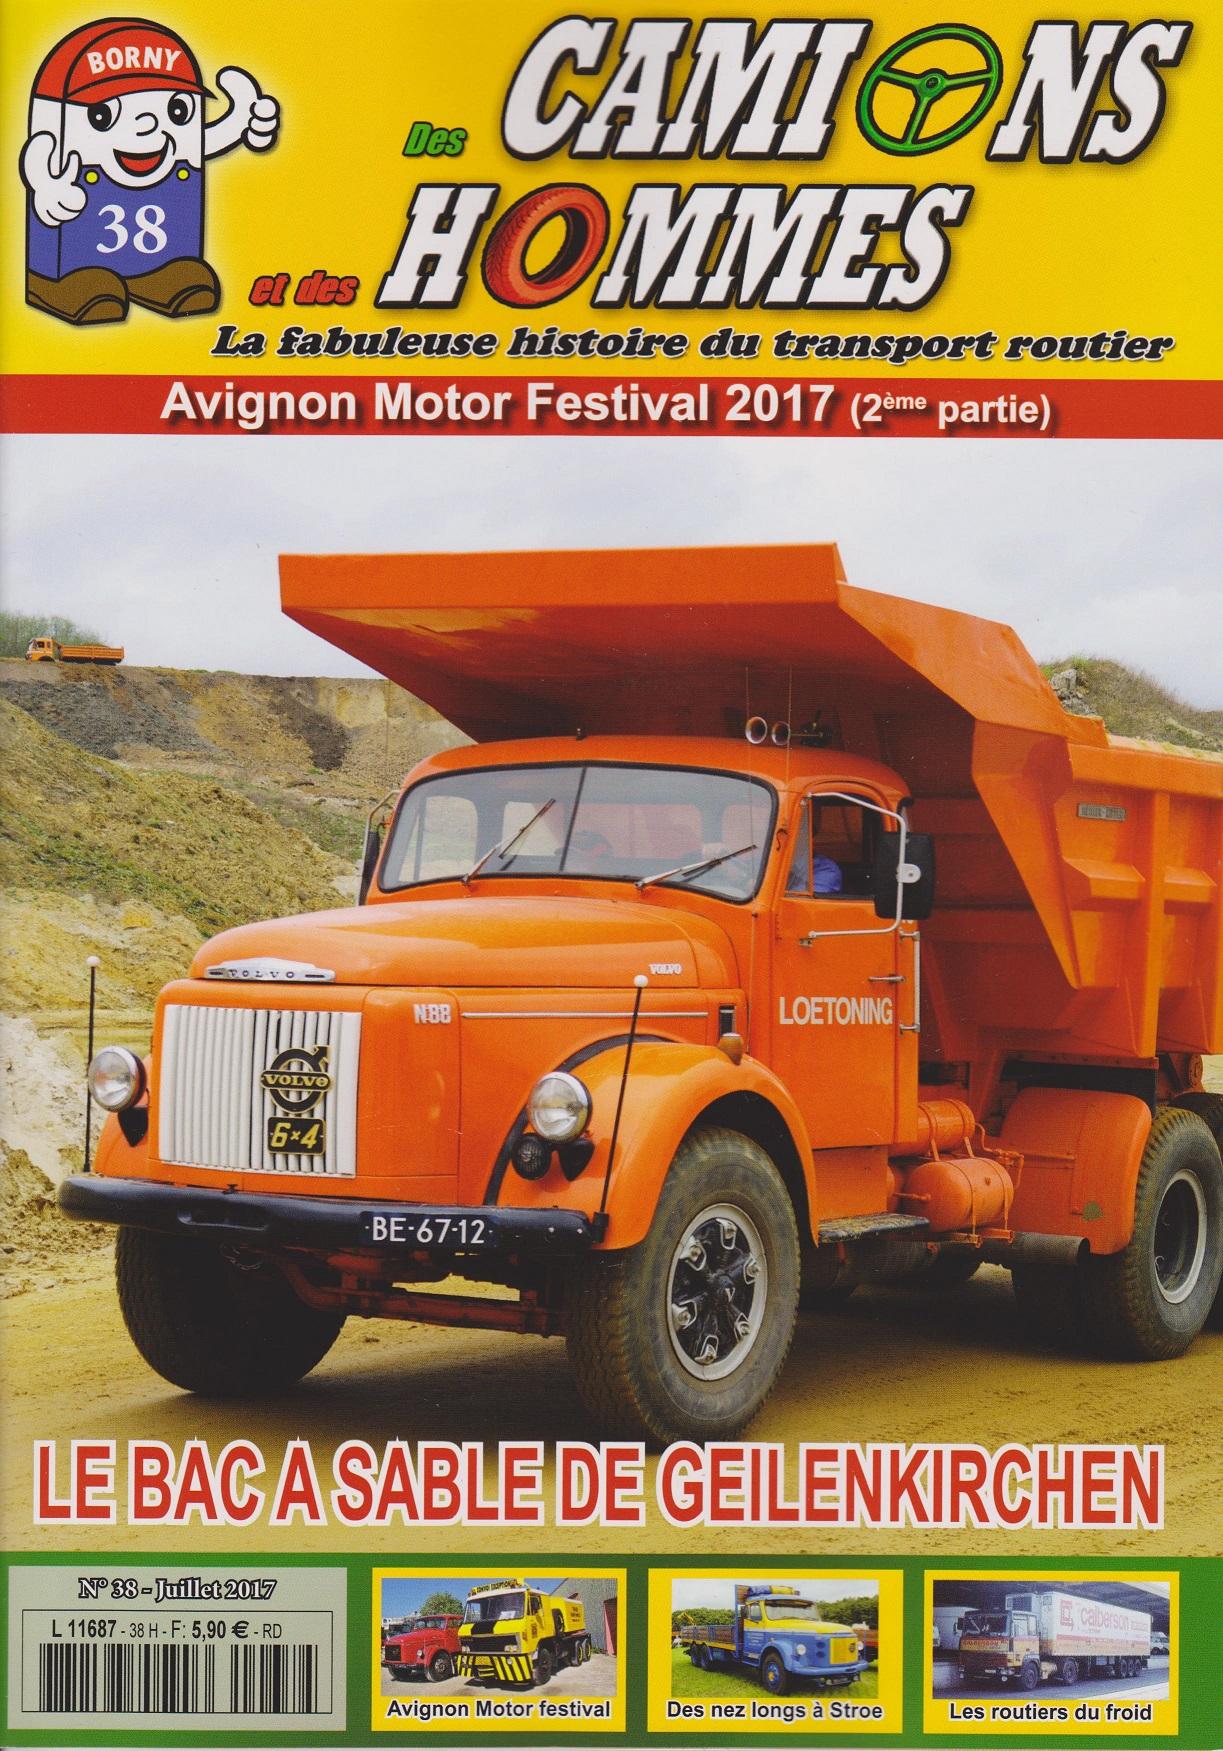 Magazine N°38 Des Camions et des Hommes (Etranger)